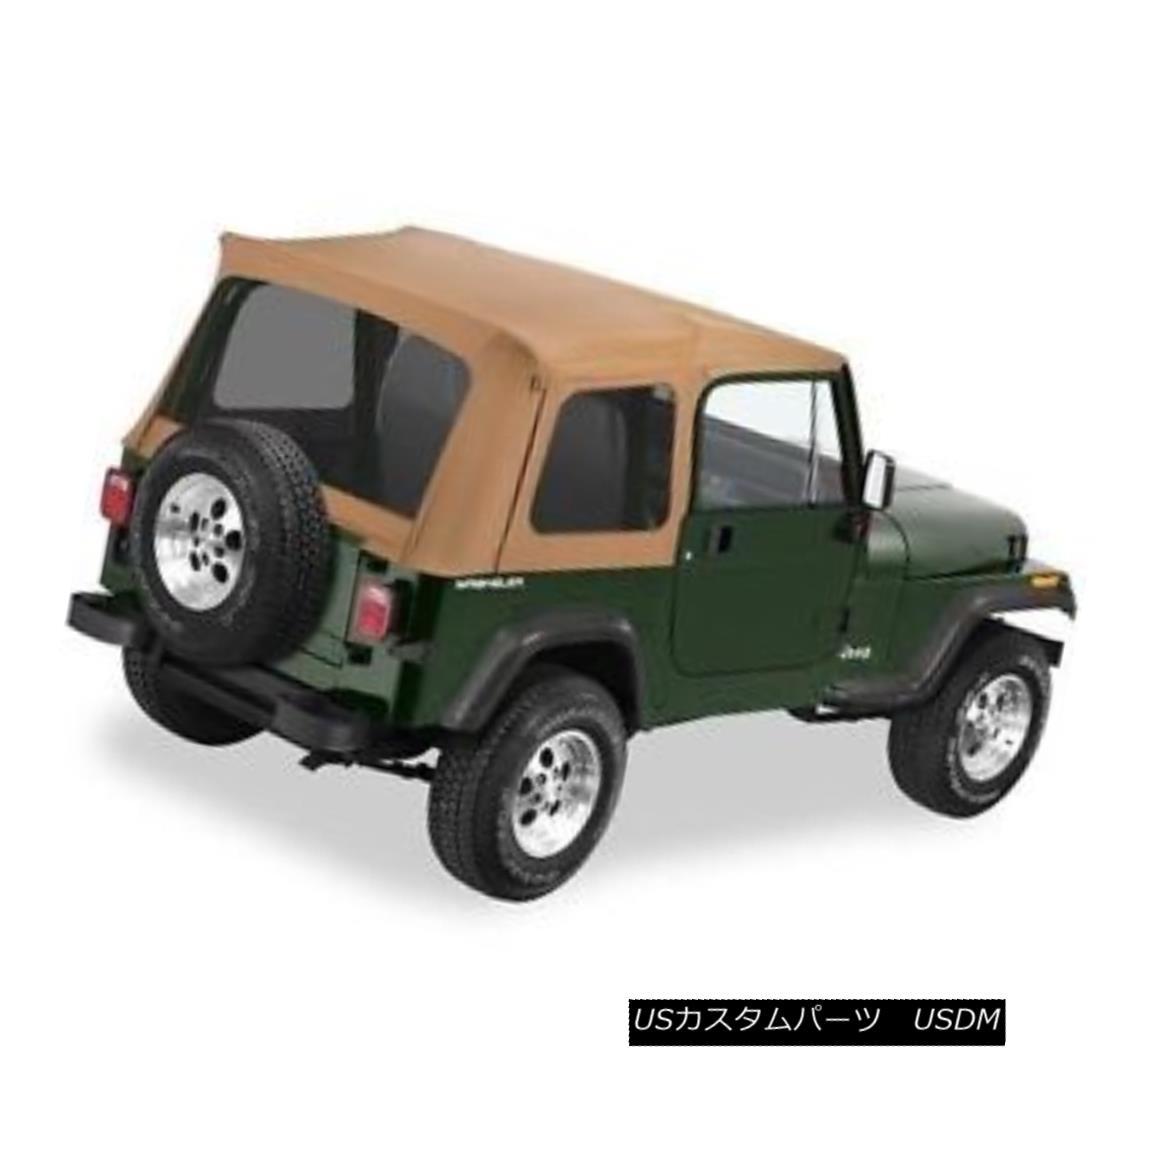 幌・ソフトトップ Bestop Supertop Replacement Skin 76-95 Jeep CJ7 / Wrangler Tinted Windows Spice Bestop Supertop Replacement Skin 76-95ジープCJ7 / Wranglerティンテッド・ウィンドウ・スパイス